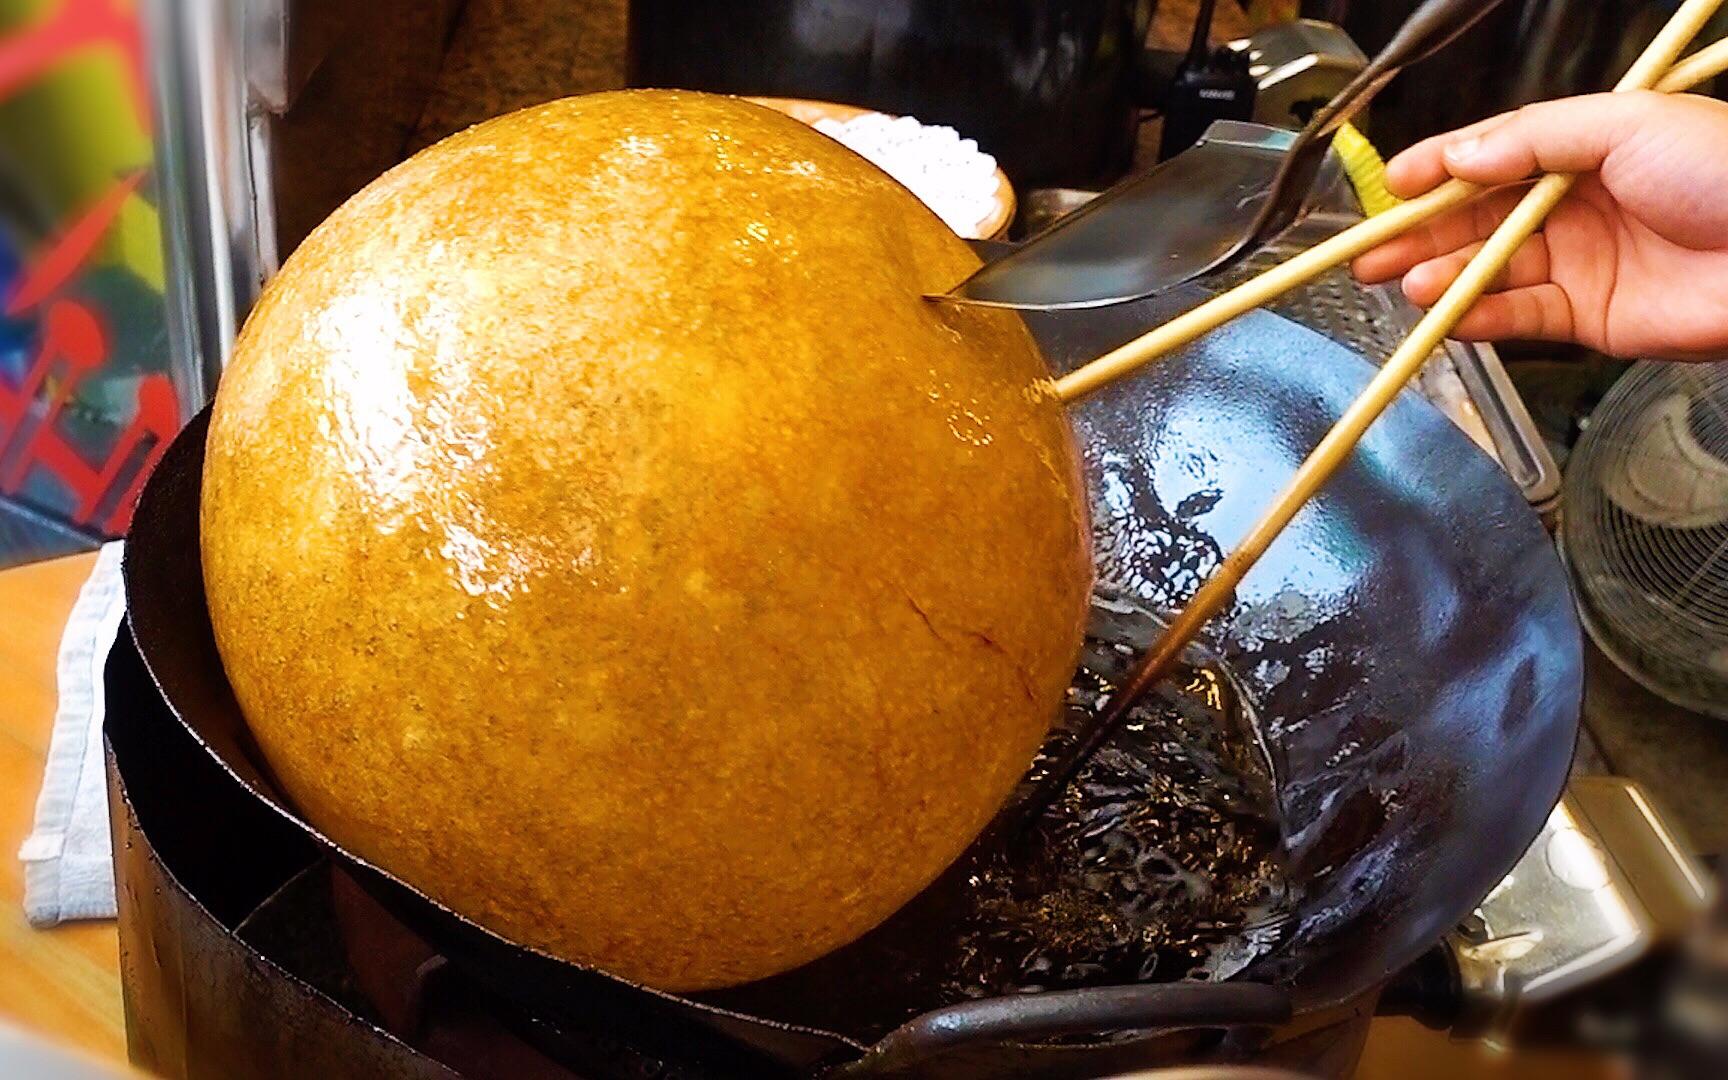 第一次见到膨胀成这样的卡路里,店里所有人都在吃!广州美食VLOG